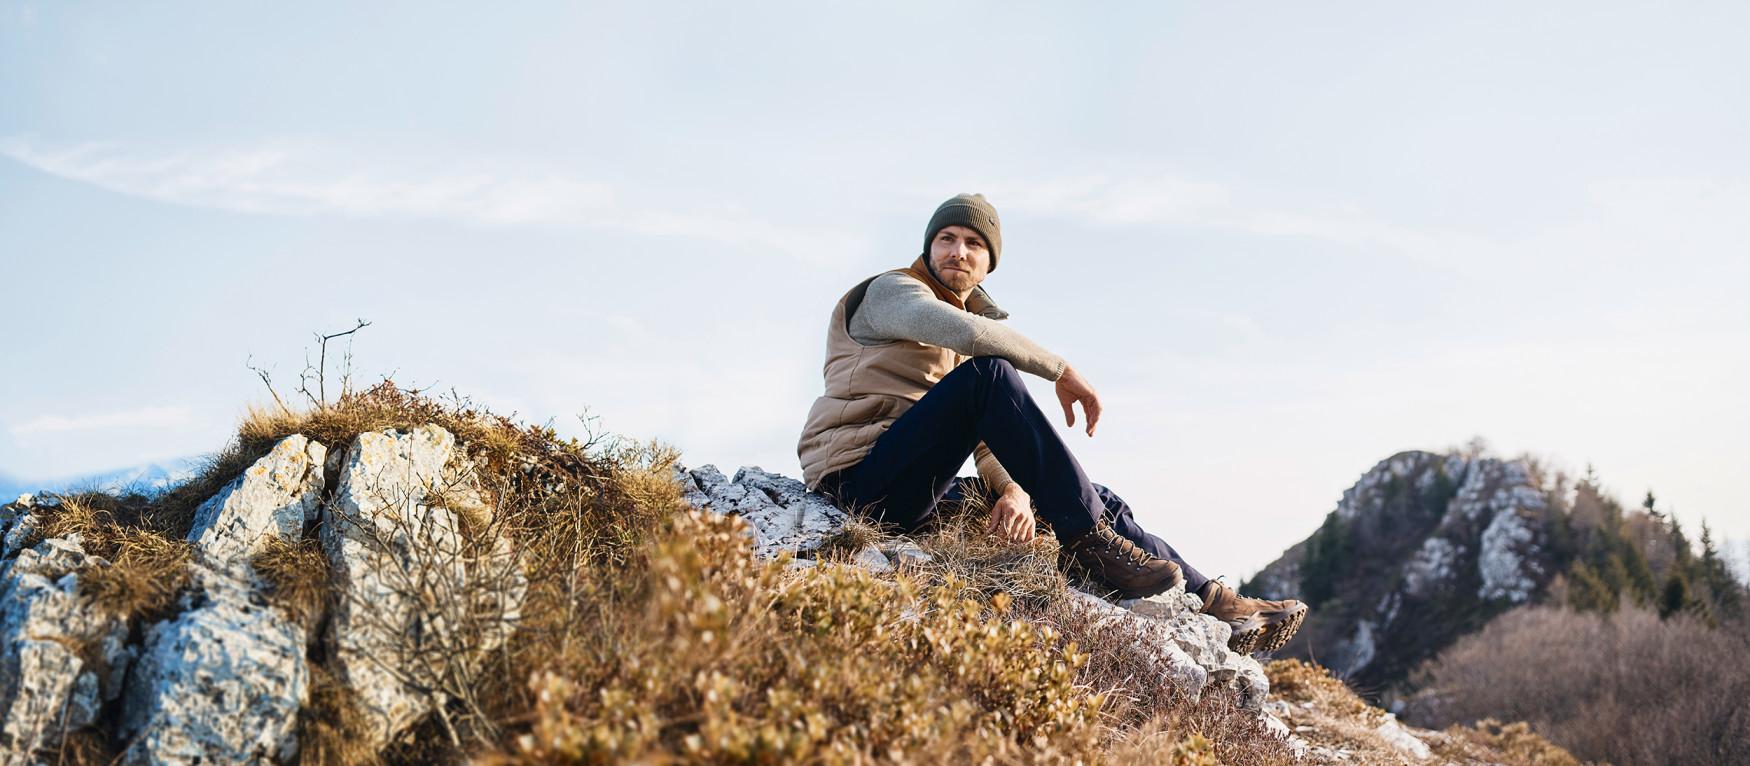 Een multitalent dat zich heeft ontwikkeld tot cultschoen. De klassieker onder de multifunctionele schoenen biedt ook na twee decennia zijn waarde te hebben bewezen nog een tijdloos frisse look en een optimaal loop- en draagcomfort. De schacht- en zoolconstructie zorgt voor goede prestaties bij een optimaal draagcomfort en opent daarmee talloze toepassingsmogelijkheden. Zowel bij de drukke dagelijkse activiteiten als op een spontane tocht over verhard terrein is de RENEGADE GTX MID de ideale metgezel.